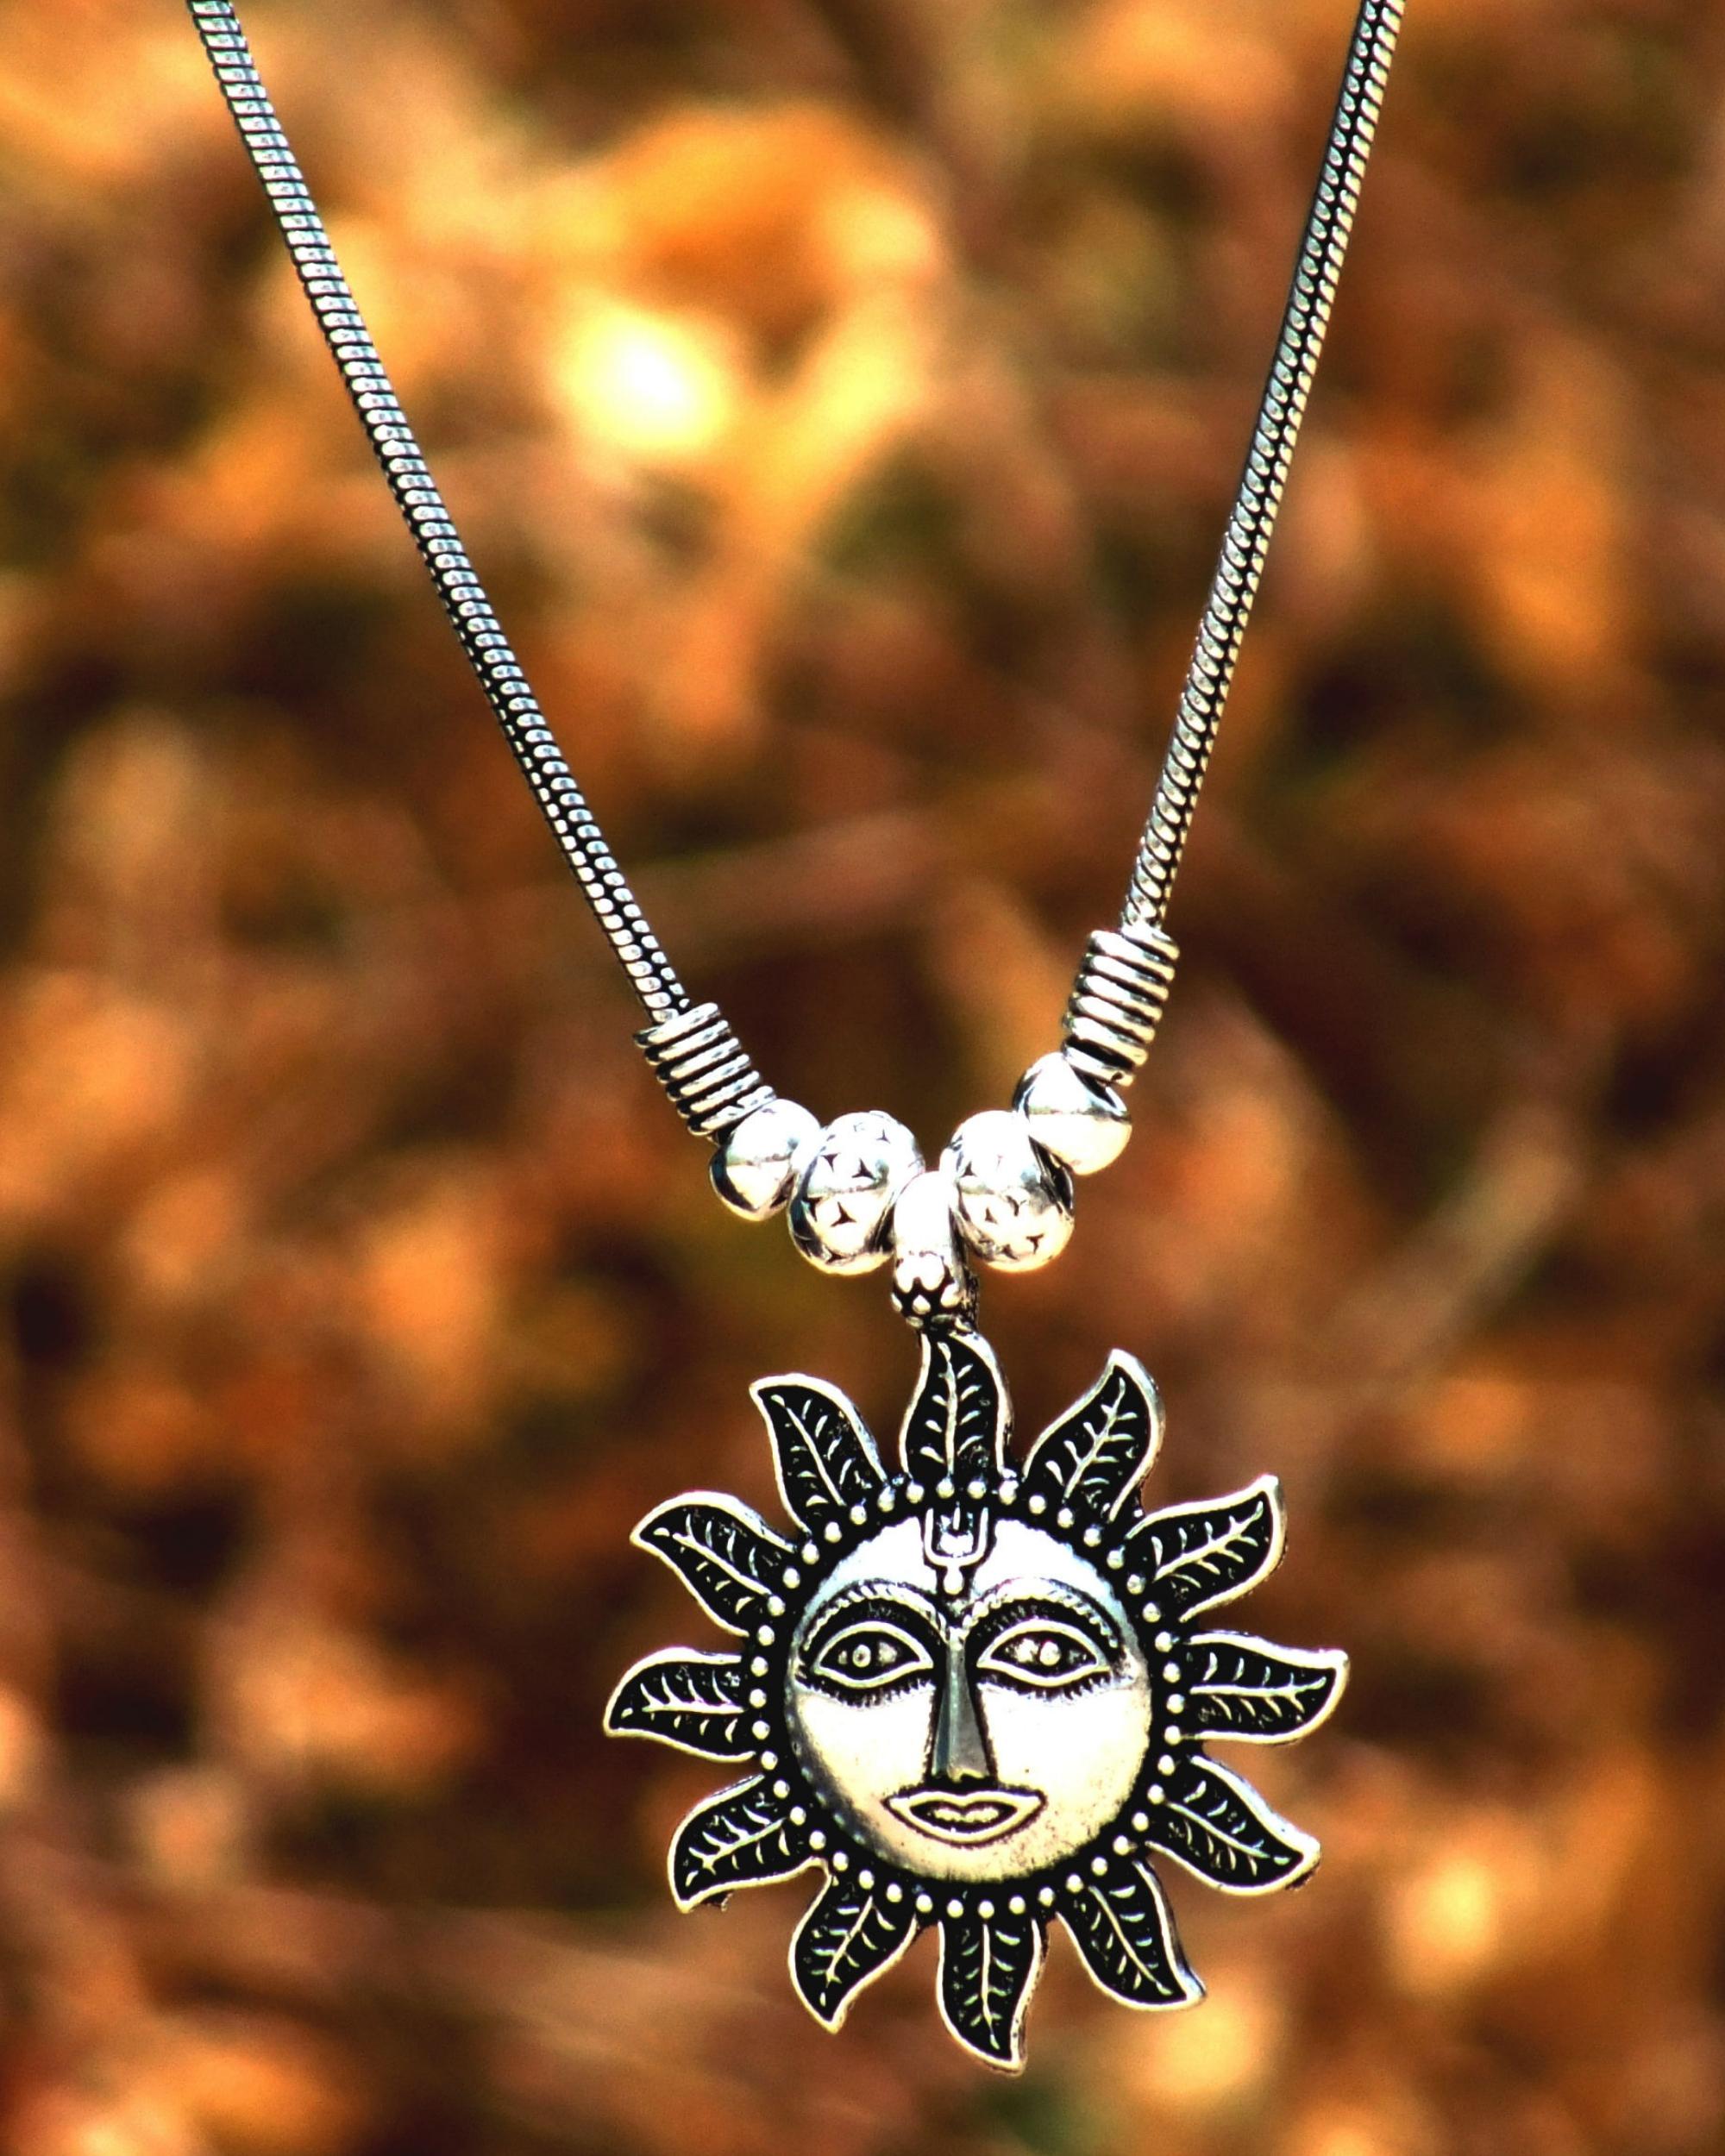 Silver sun pendant necklace